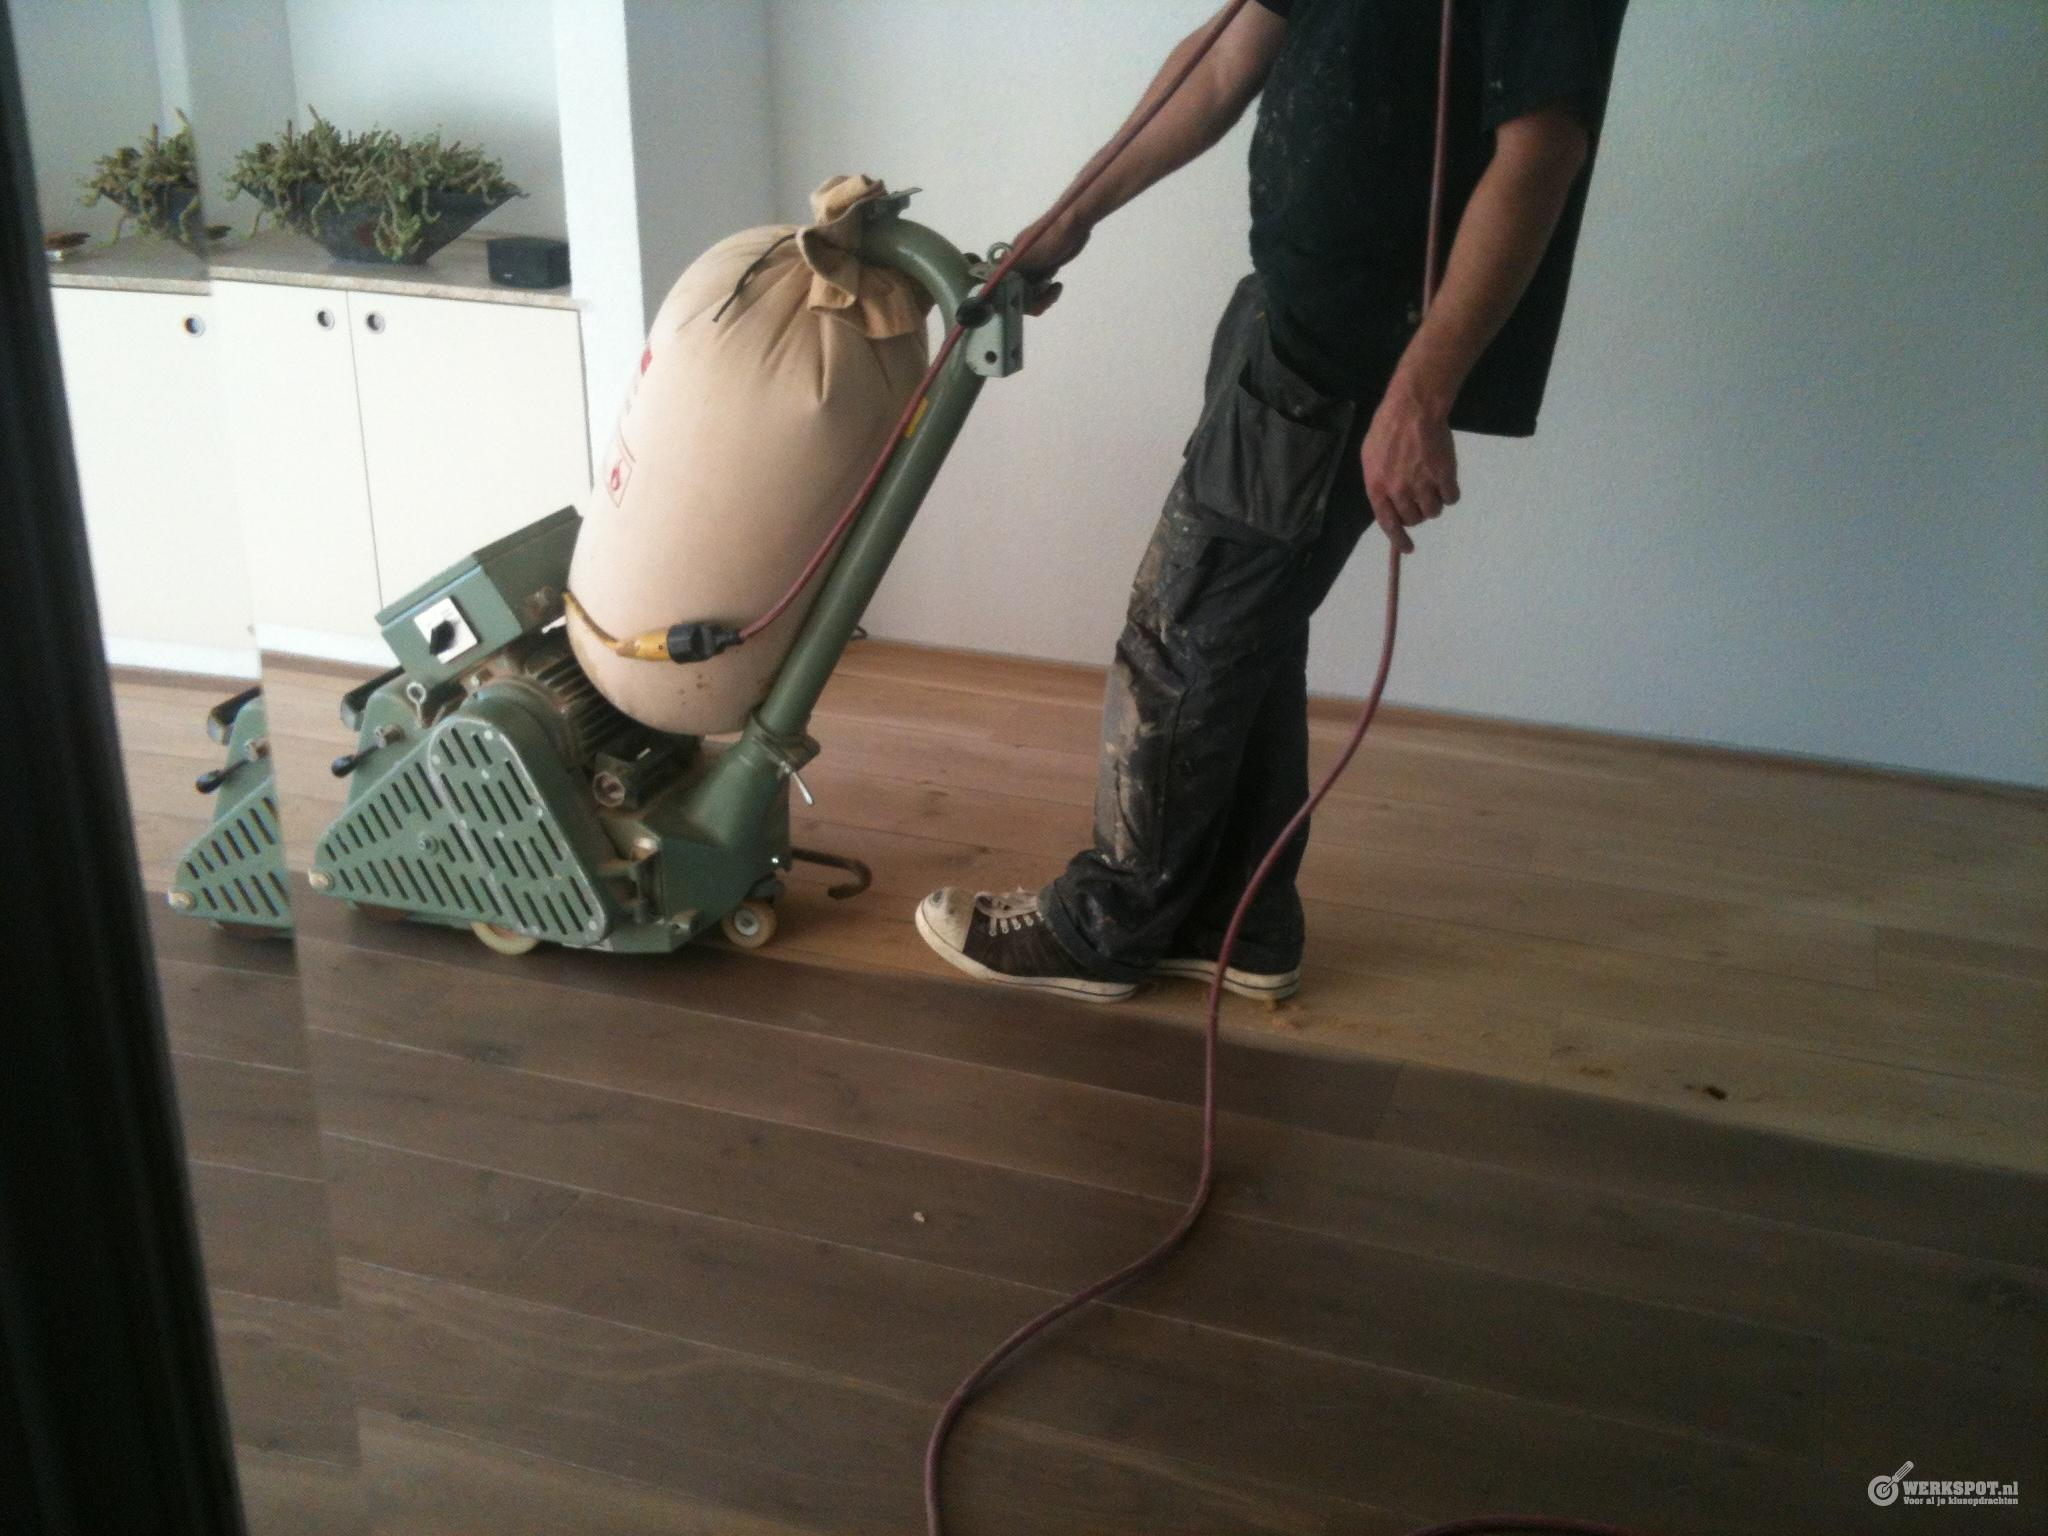 9m2 eiken vloer leggen en 88m2 schuren en in de olie zetten. werkspot